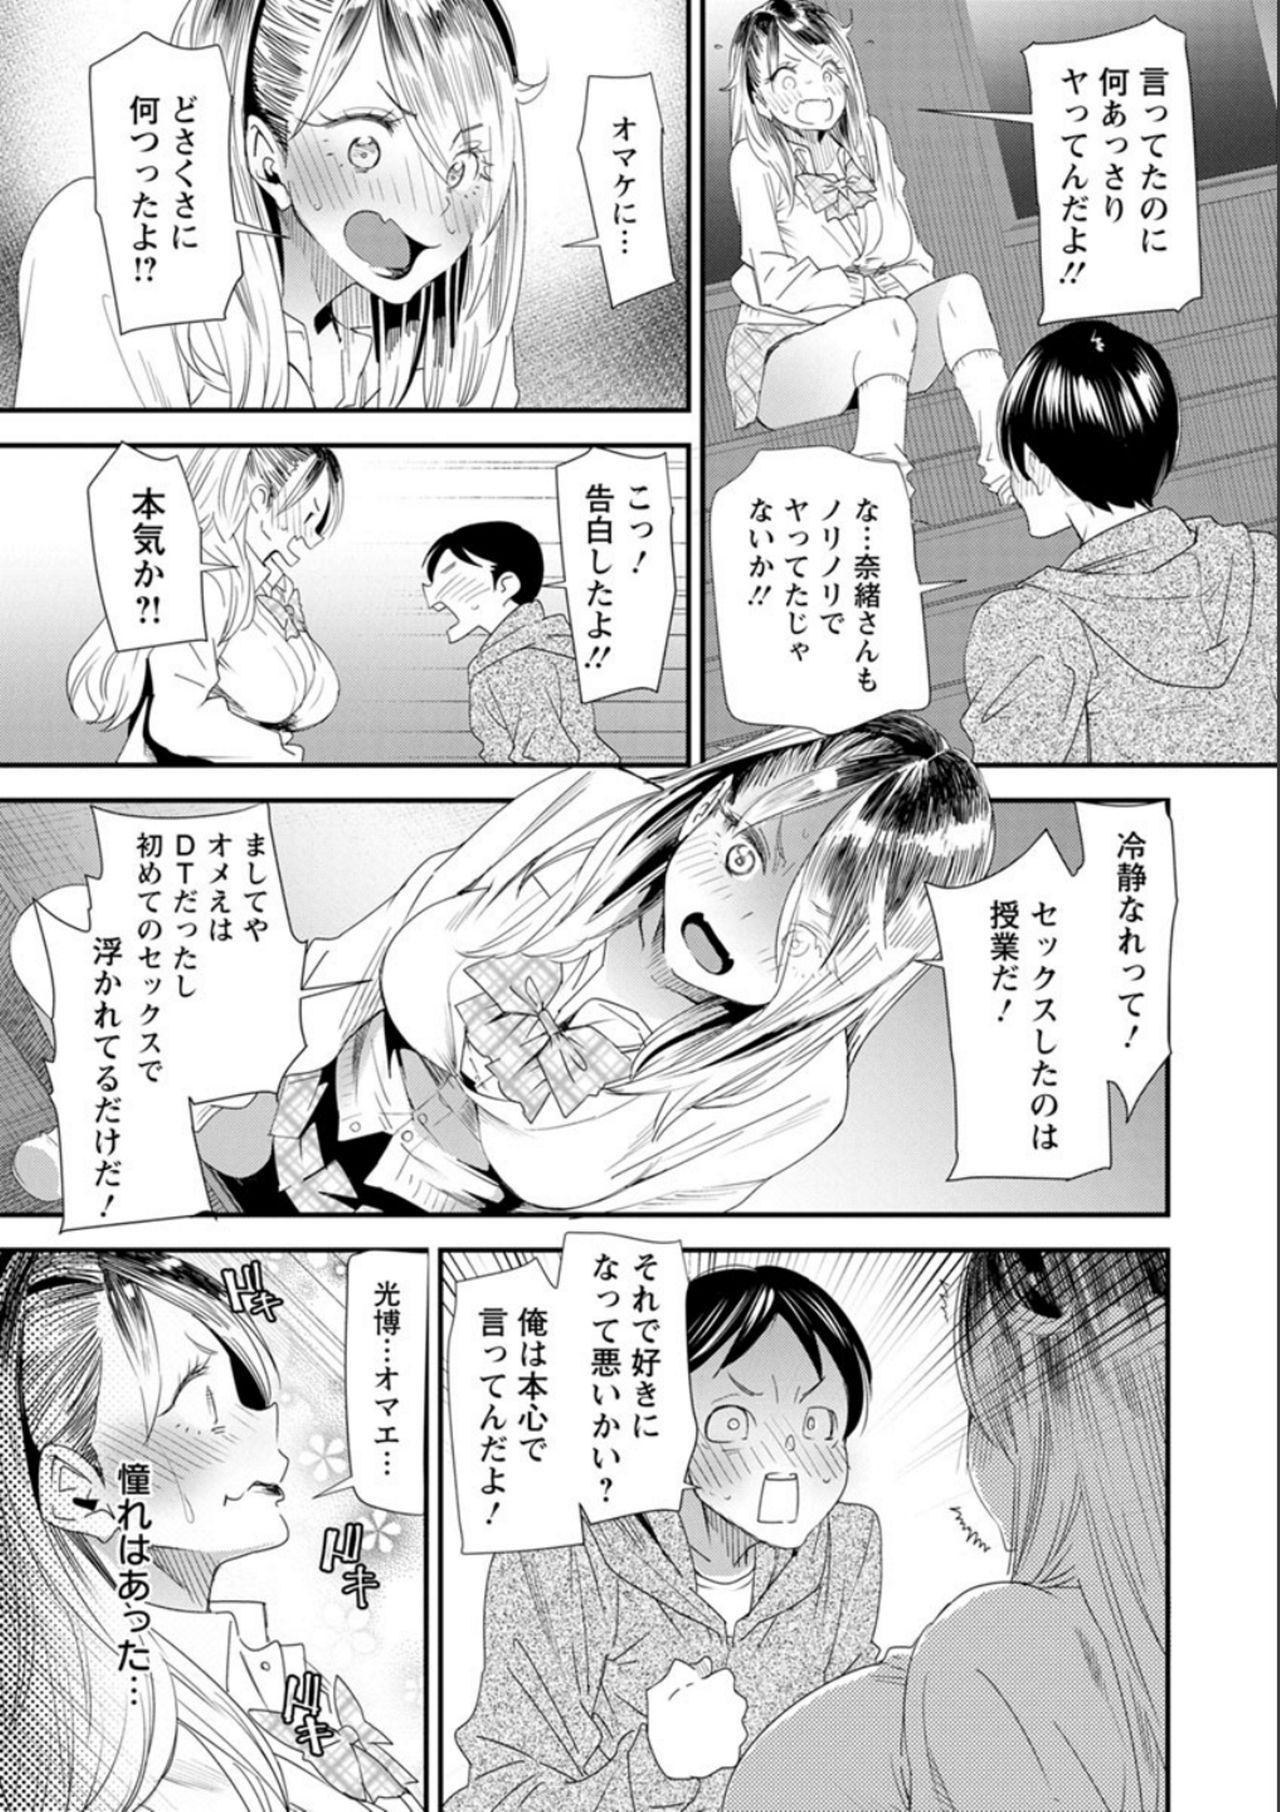 Nao's Secret 10